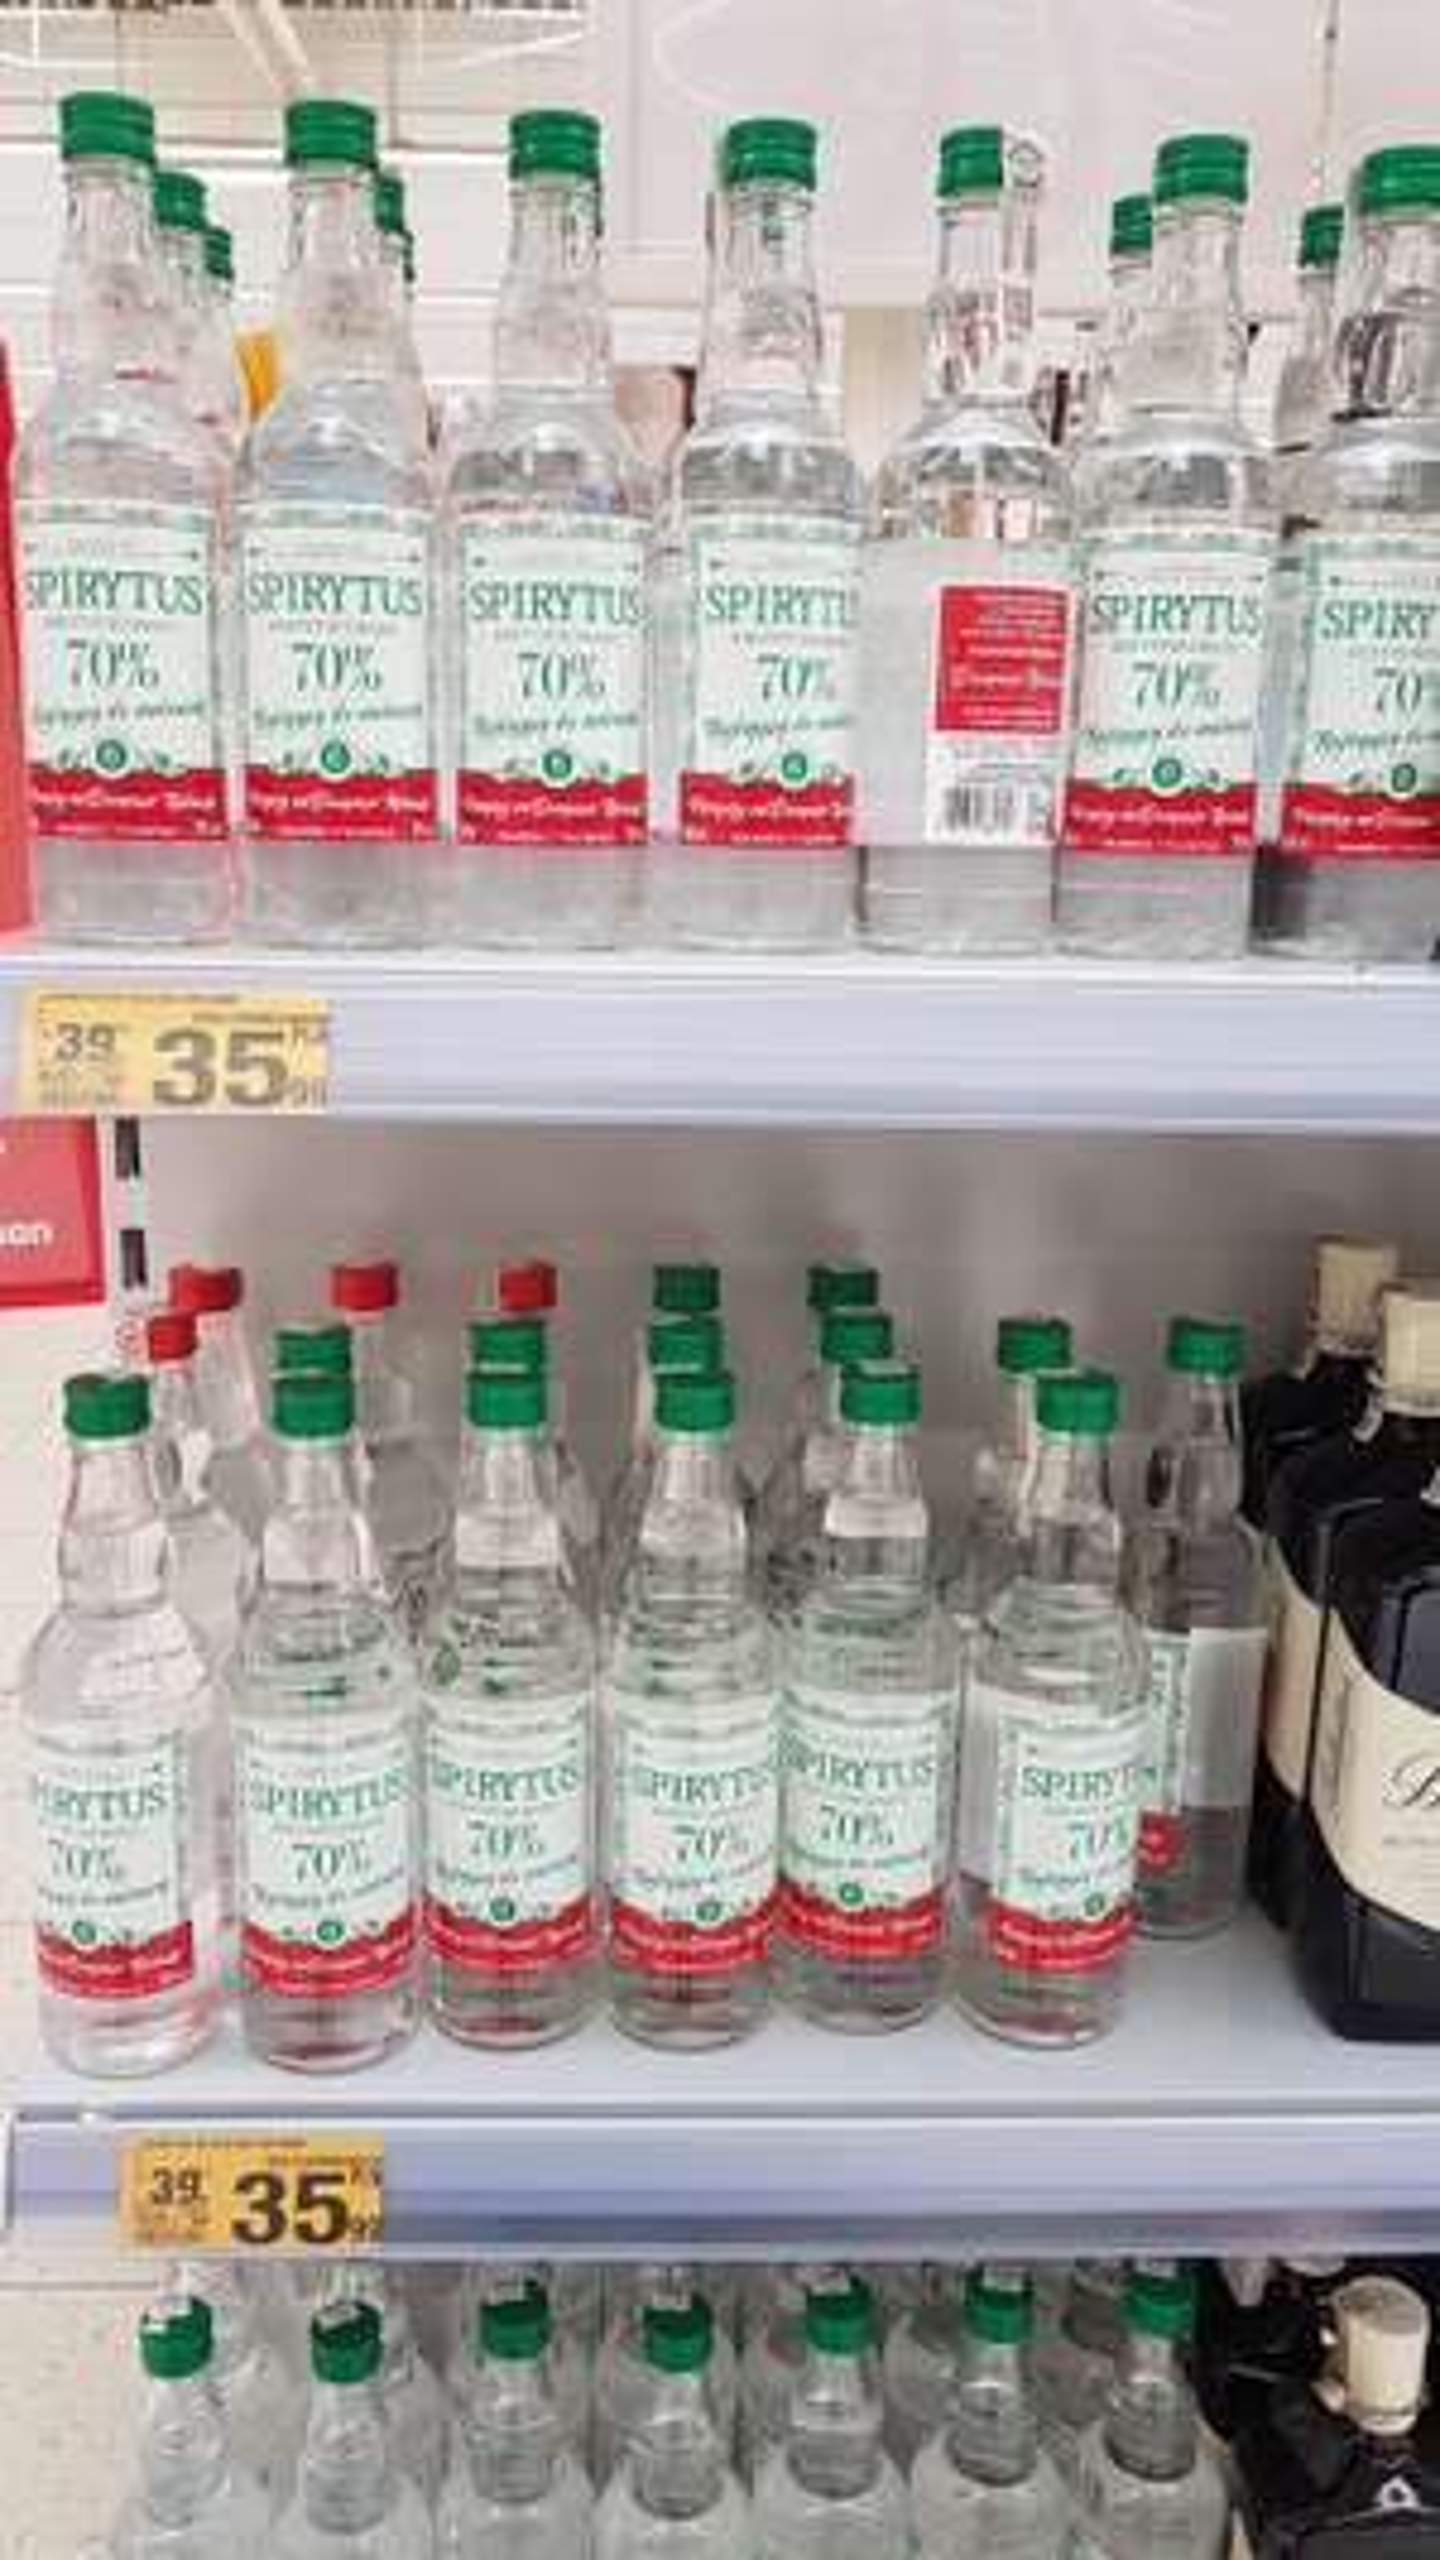 Spirytus rektyfikowany 0,5 l + gratis w Auchan Toruń